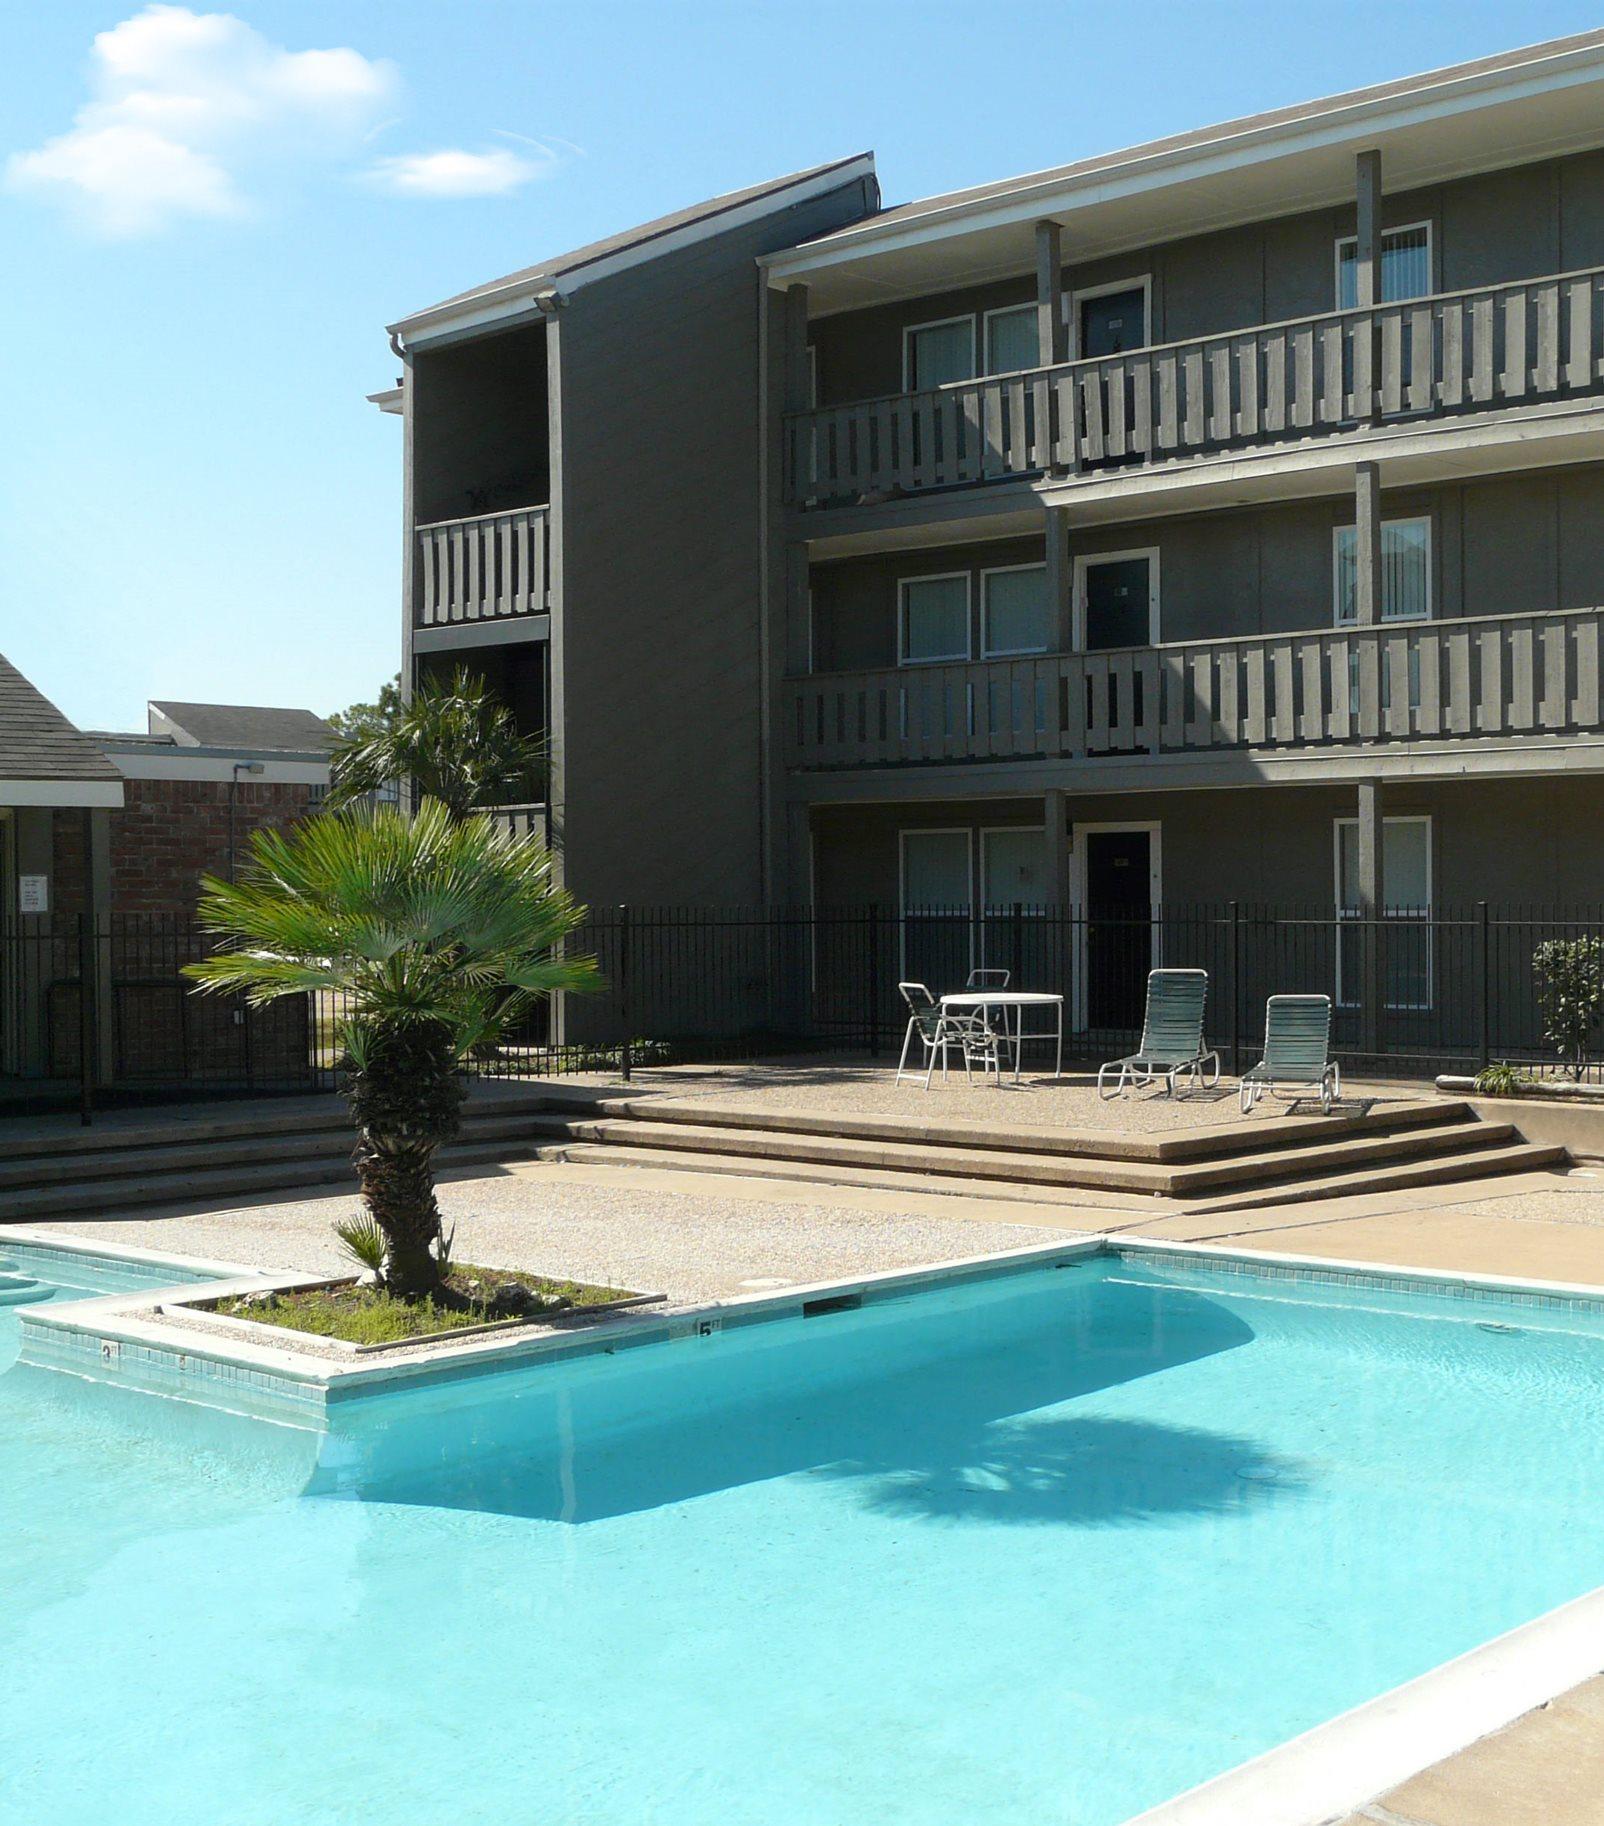 Apartments Houston Texas: Apartments In Houston, TX